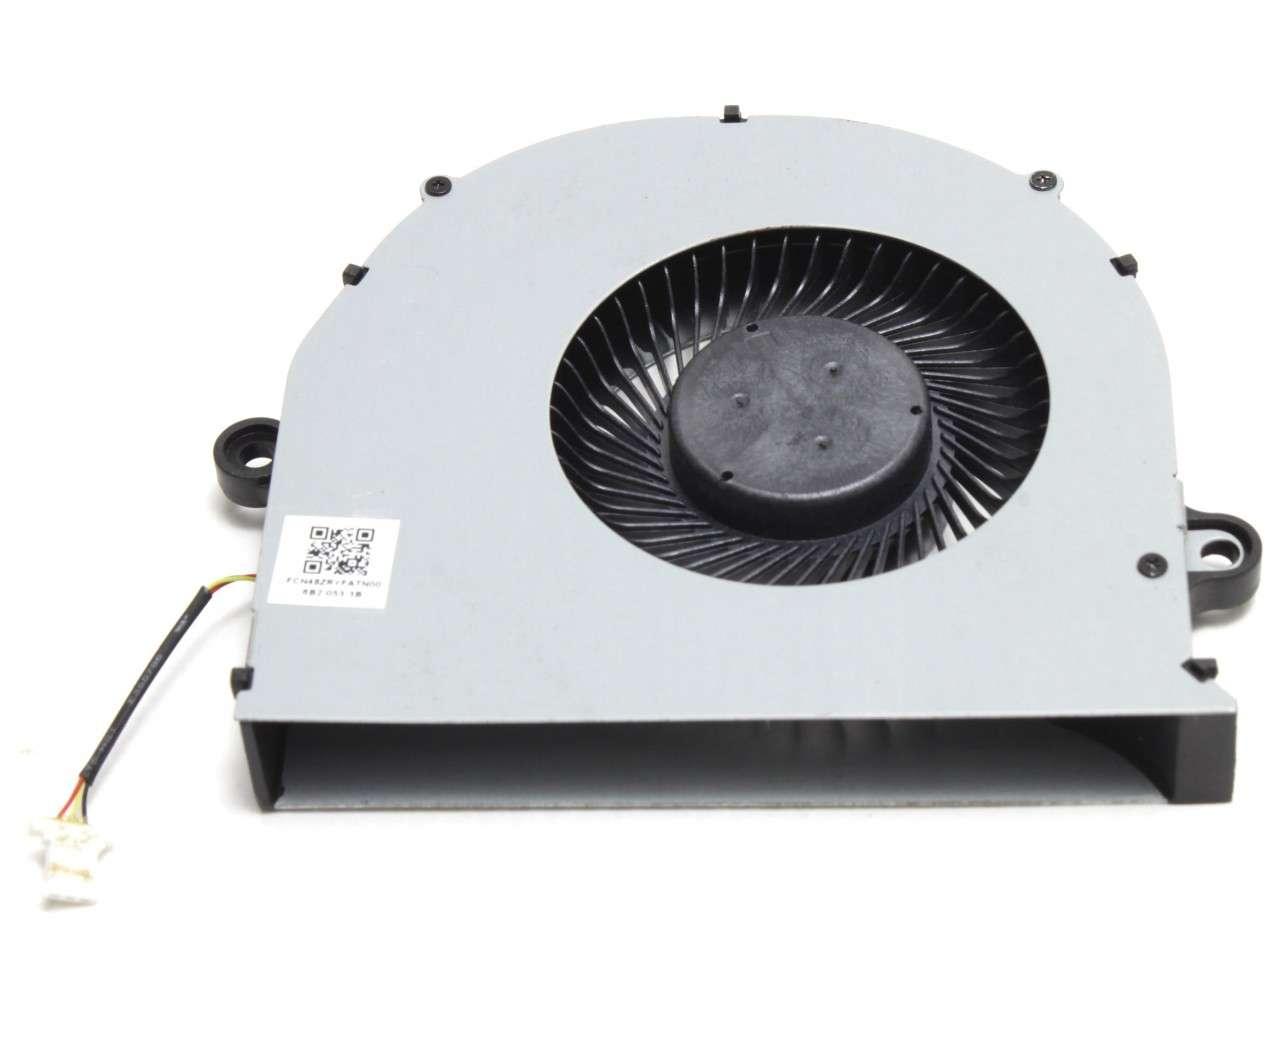 Cooler laptop Acer Extensa 2511-31B7 12mm grosime imagine powerlaptop.ro 2021